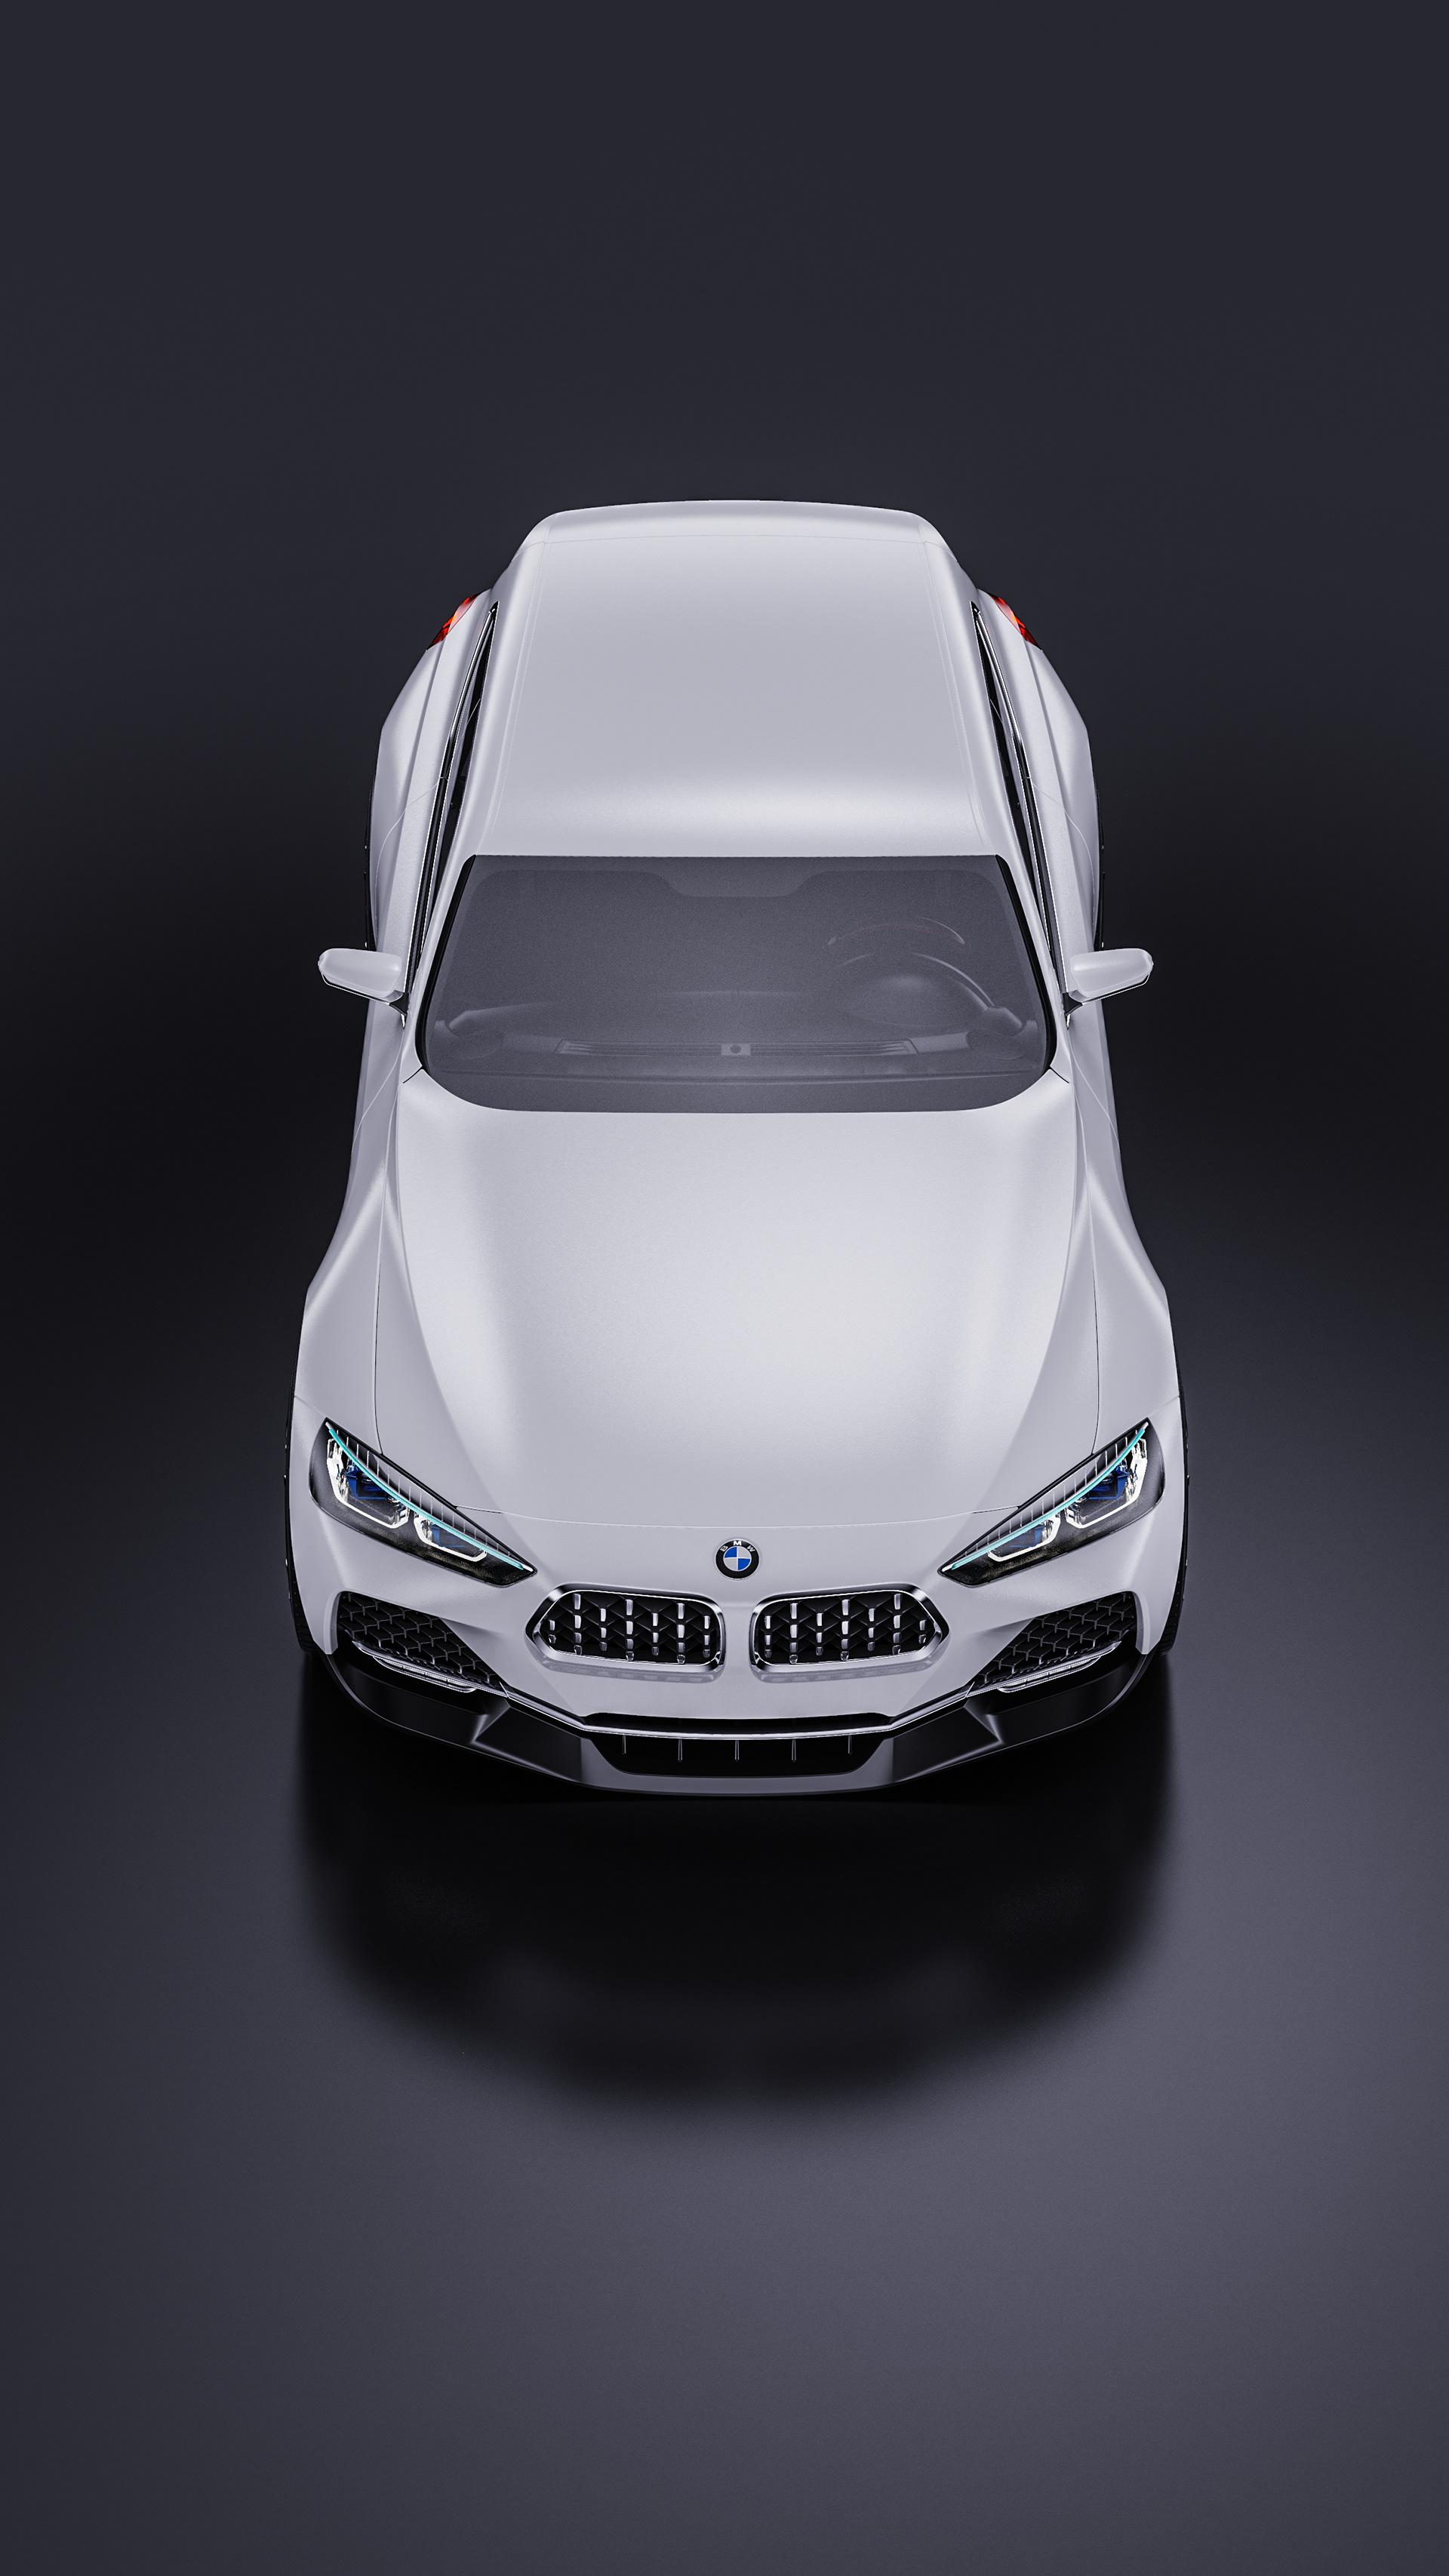 [Présentation] Le design par BMW - Page 6 B00c4992987529.5e5a2c40b11e2